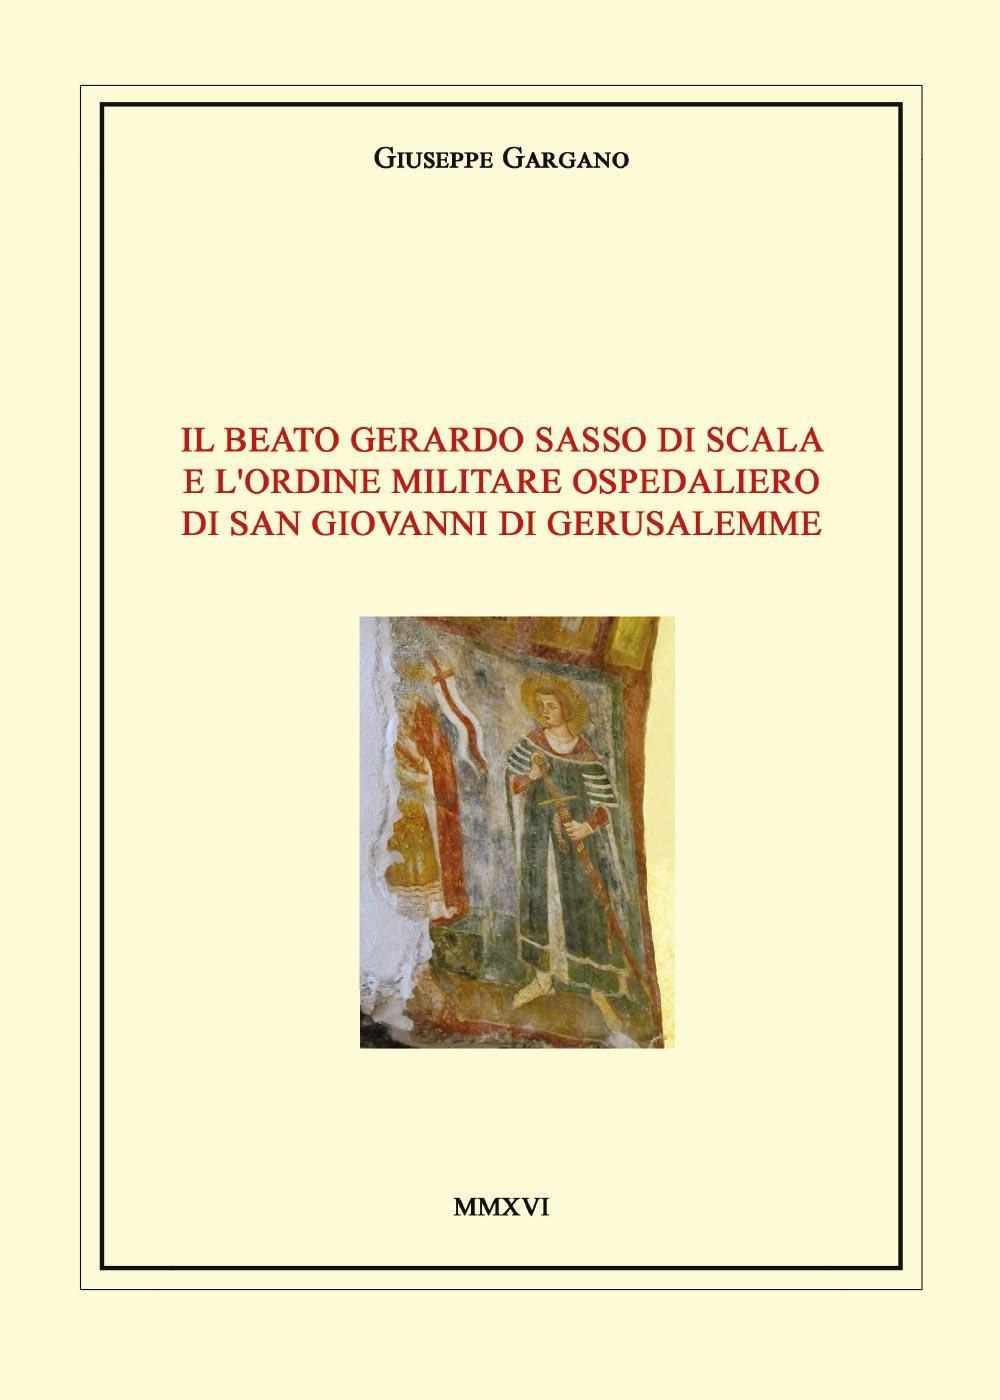 ll Beato Gerardo Sasso di Scala e l'Ordine Militare Ospedaliero di San Giovanni di Gerusalemme